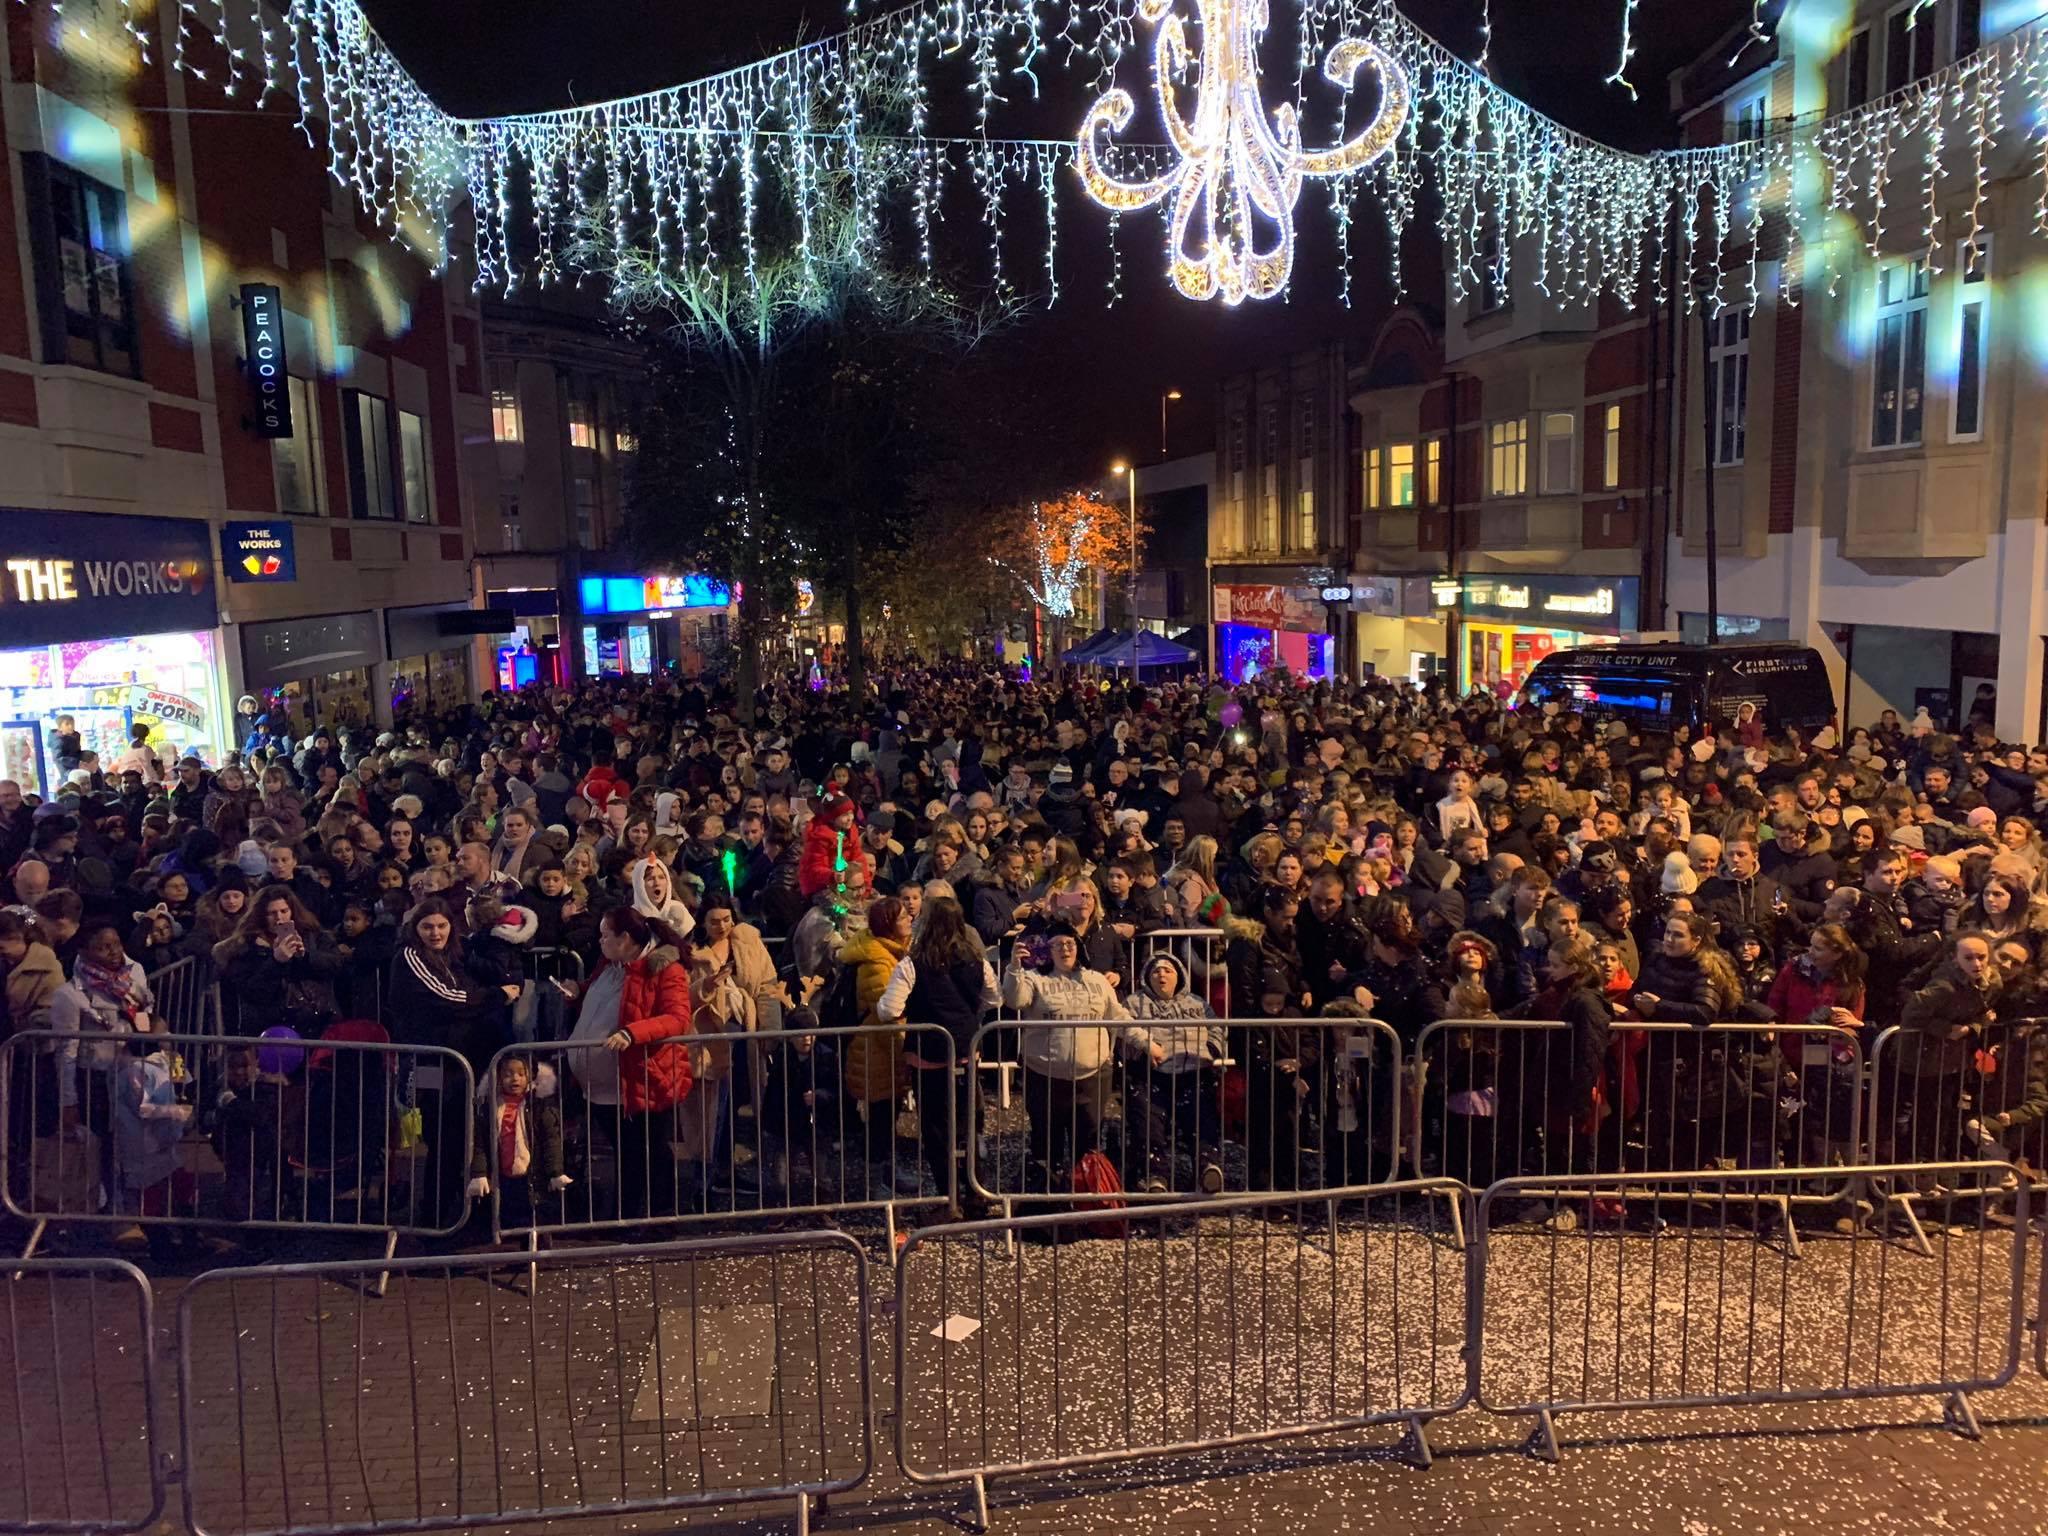 Christmas lights crowd